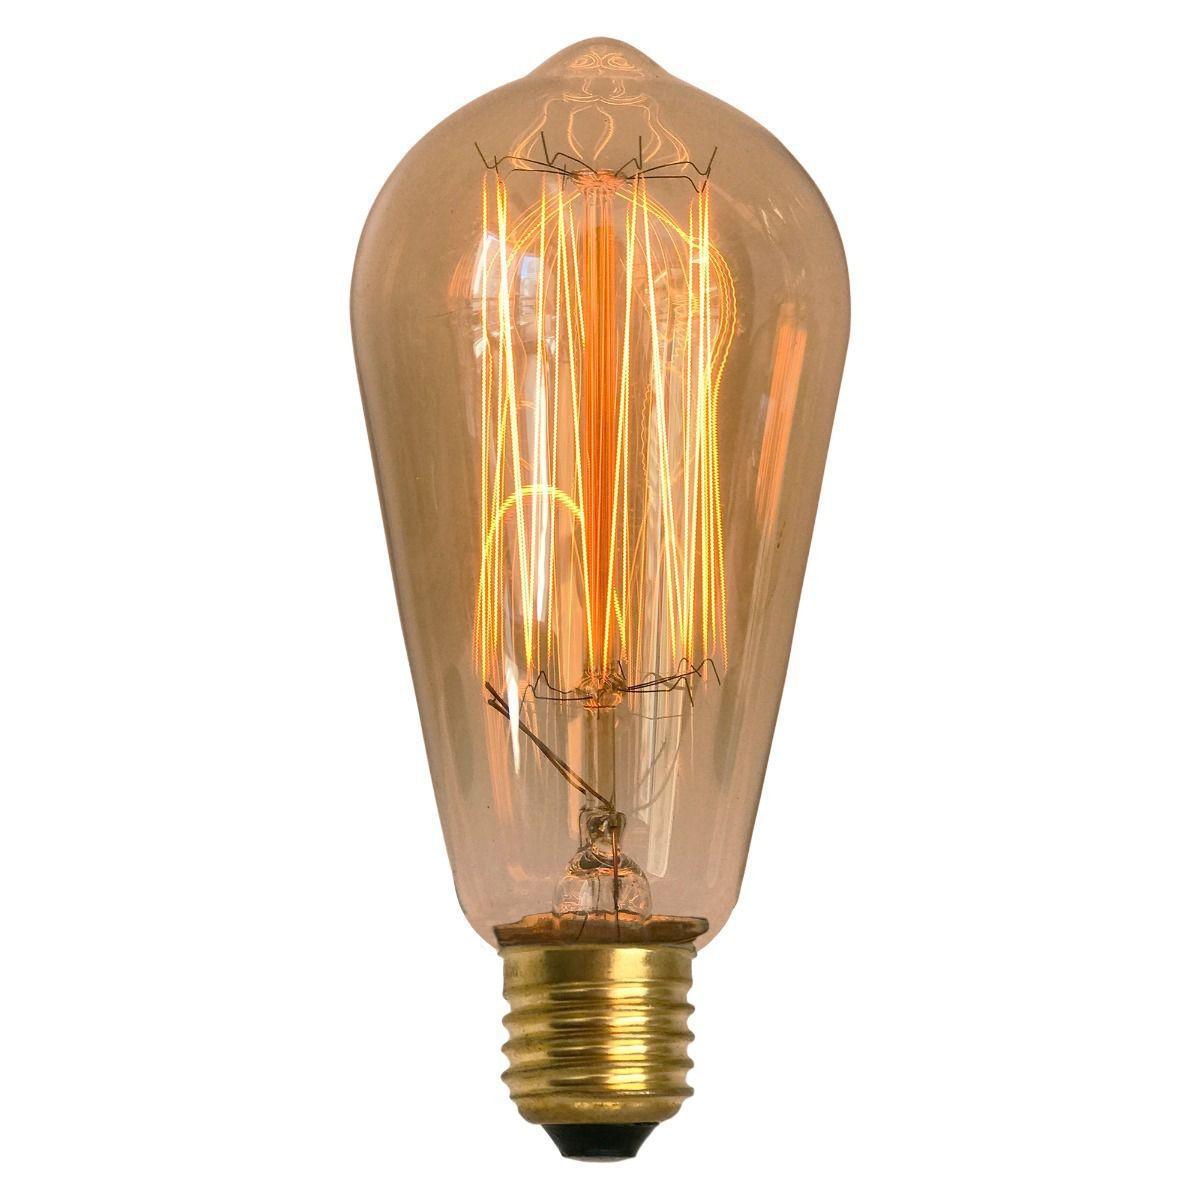 Kit 6 Lâmpadas 4w St58/e27 - Bulbo - Filamento De Carbono